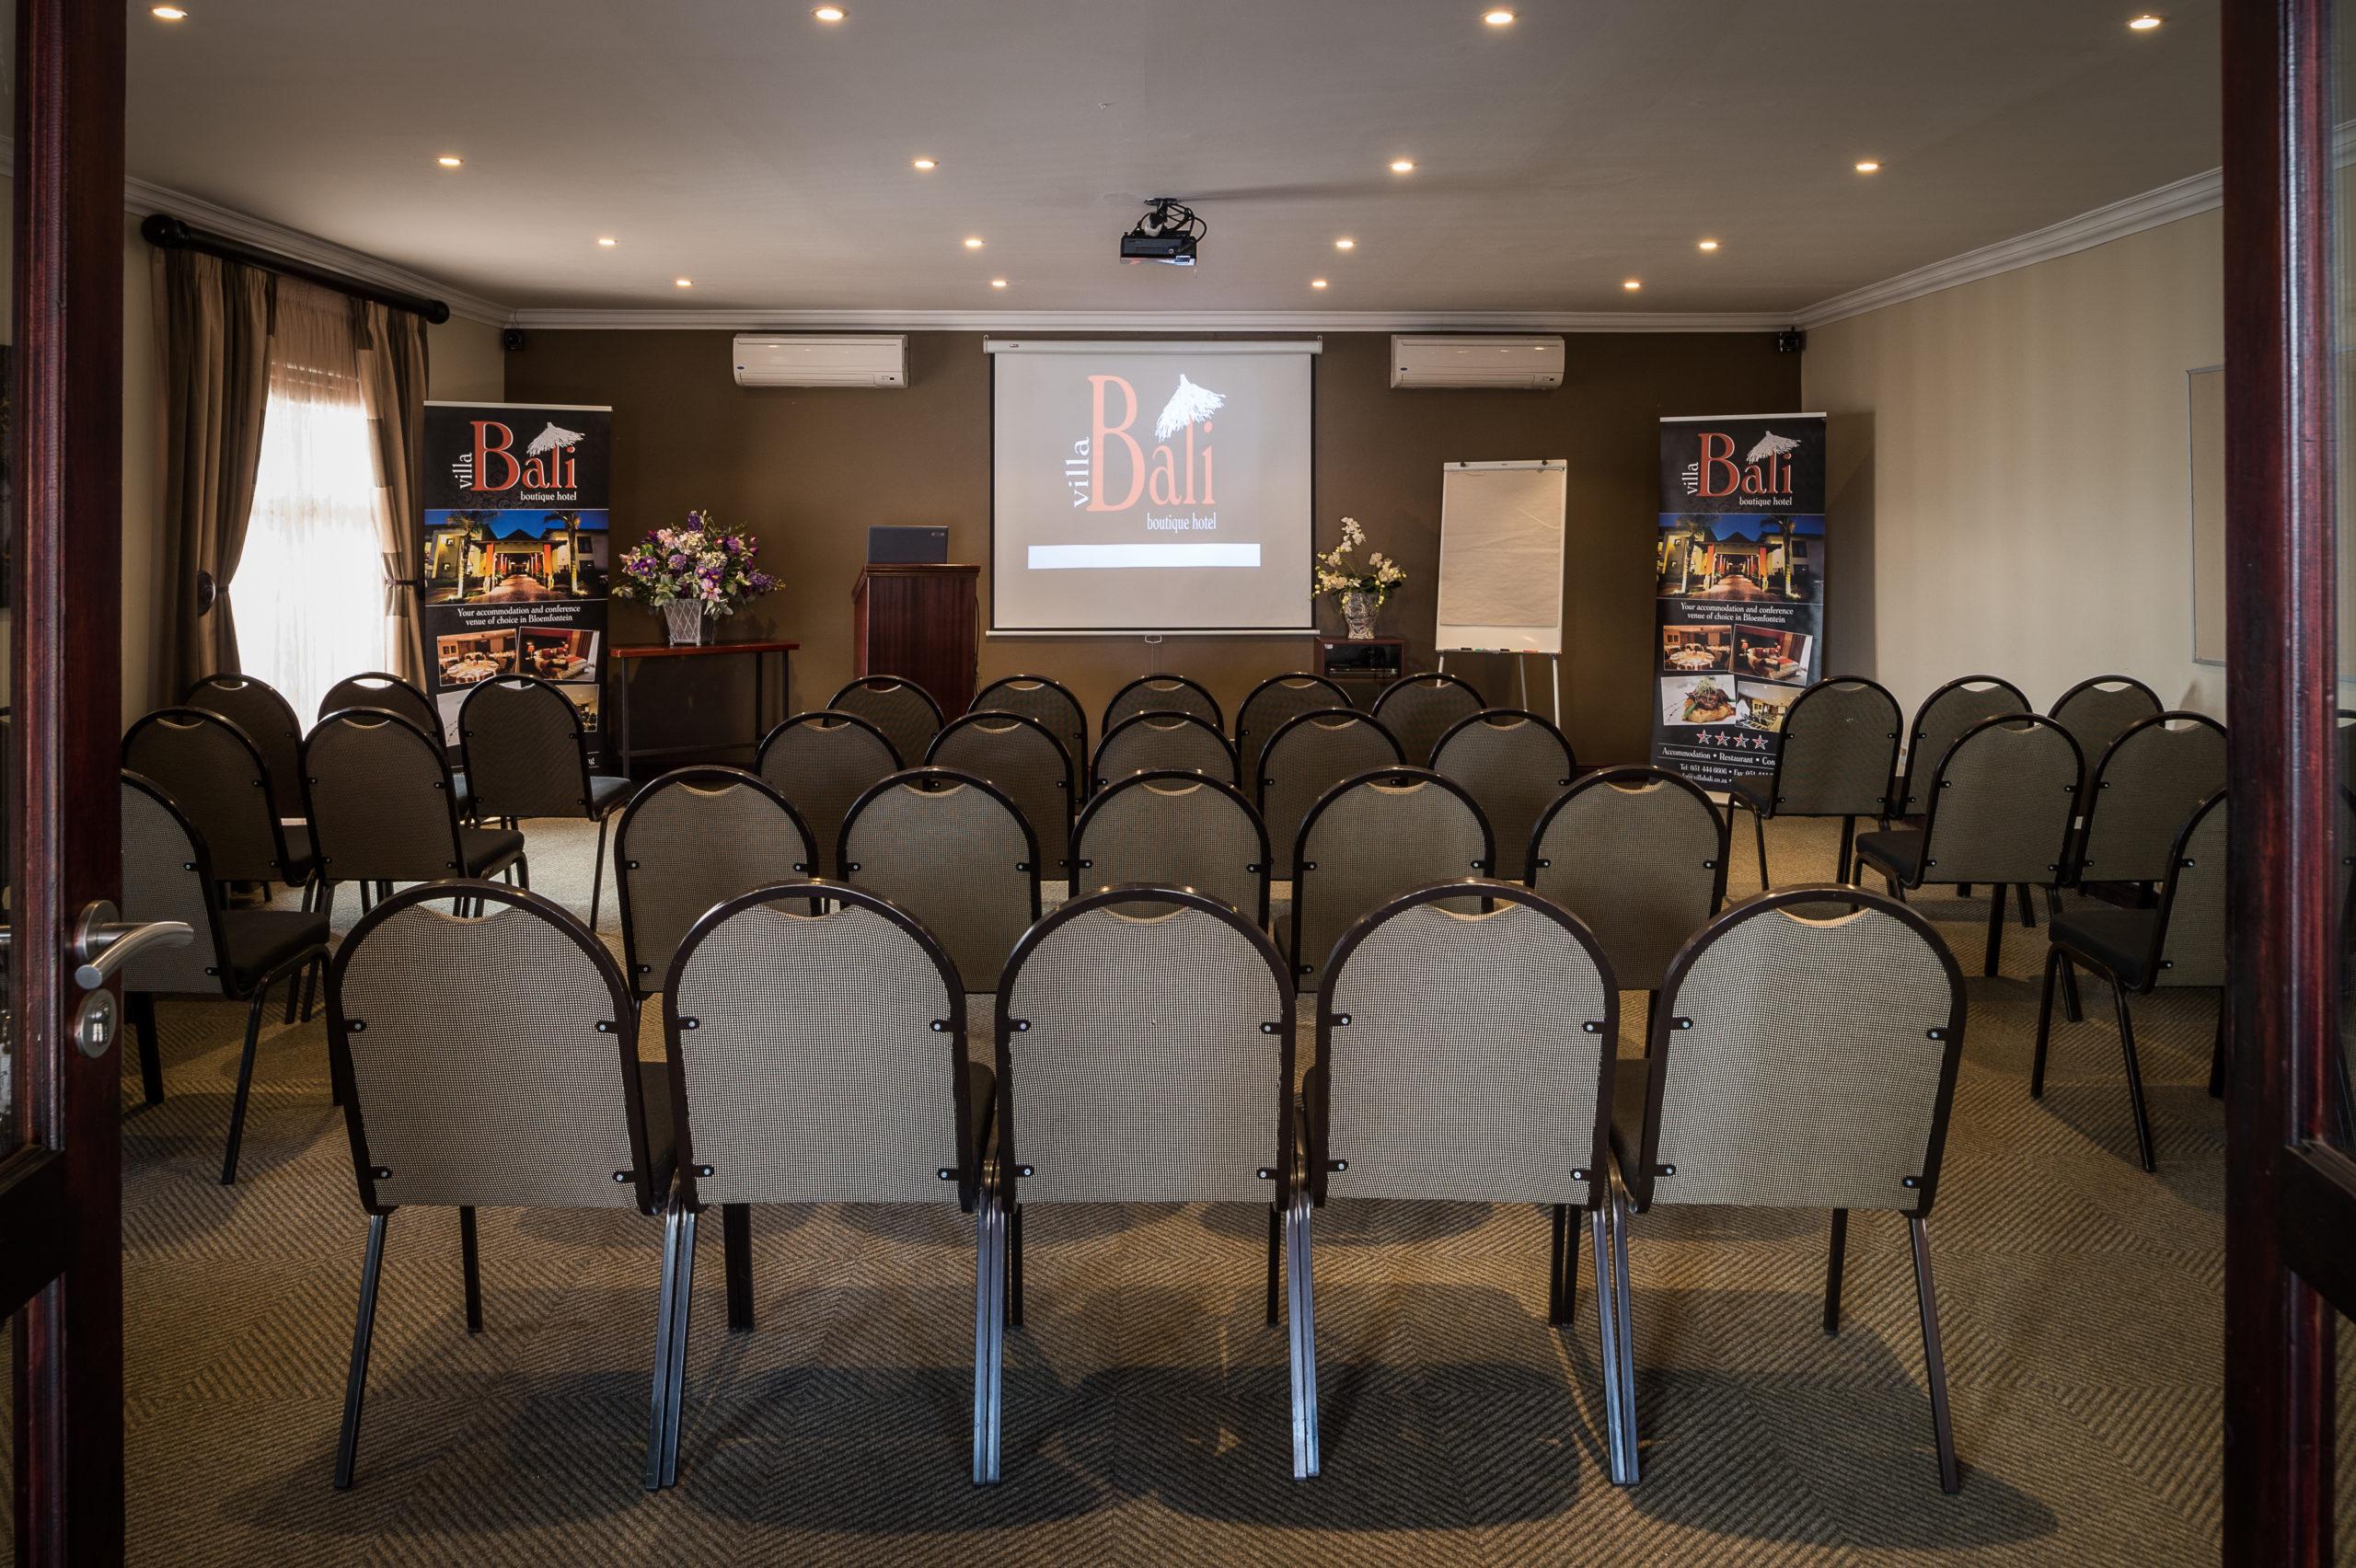 Conferencing Villa Bali Boutique Hotel Bloemfontein